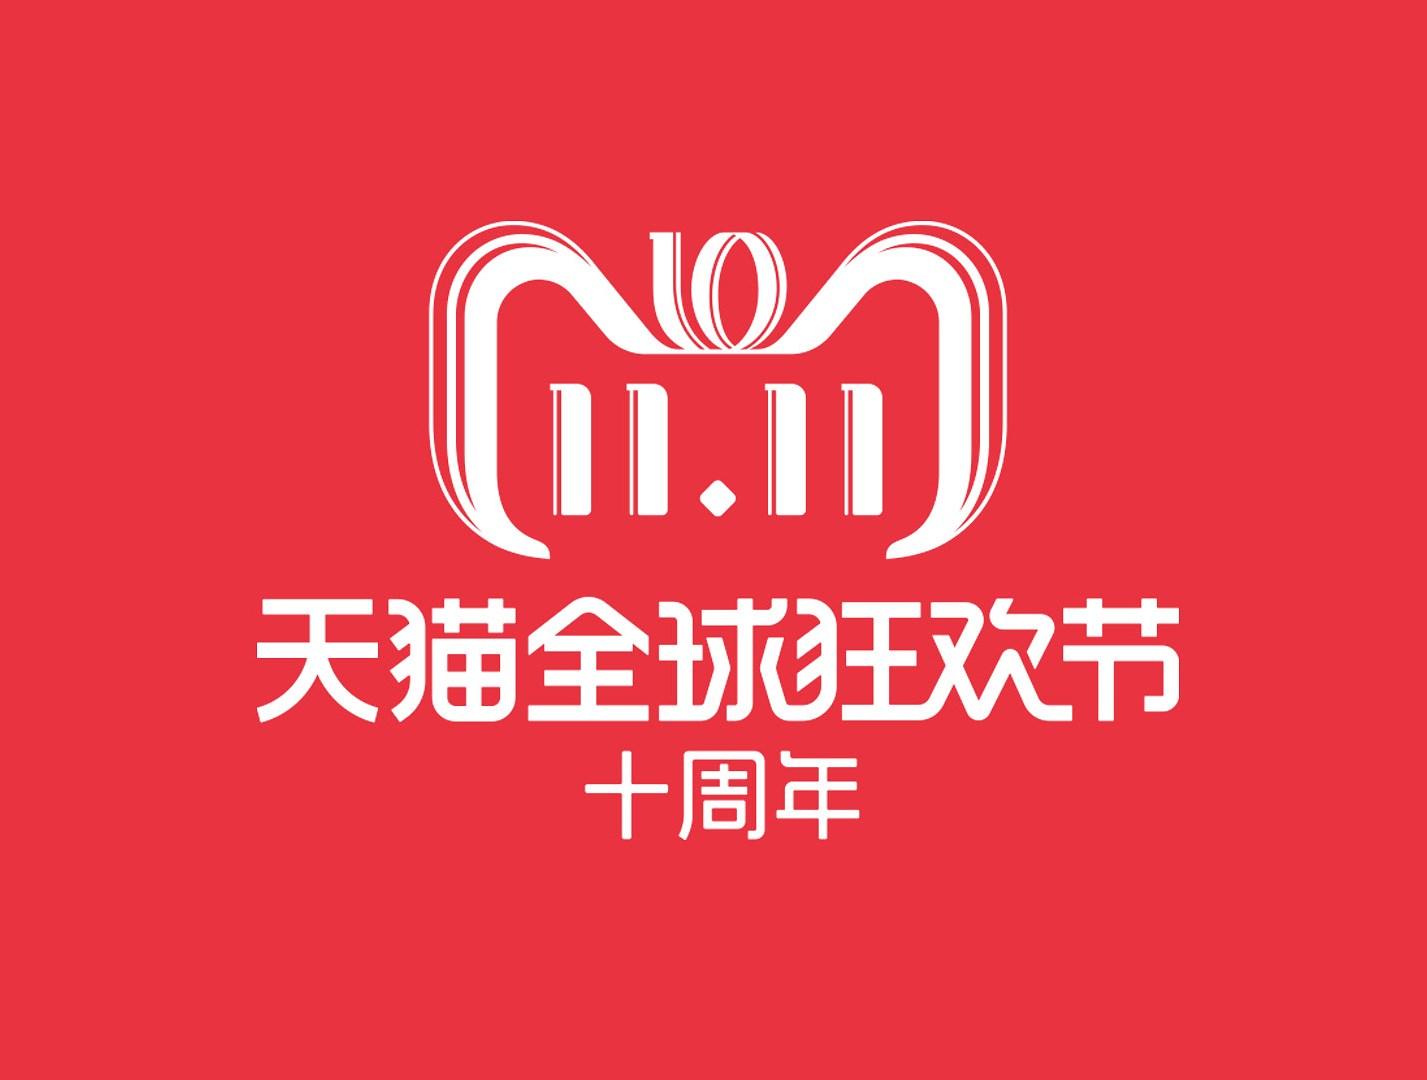 2018双十一品牌-官方揭秘设计全过程 (1).jpg